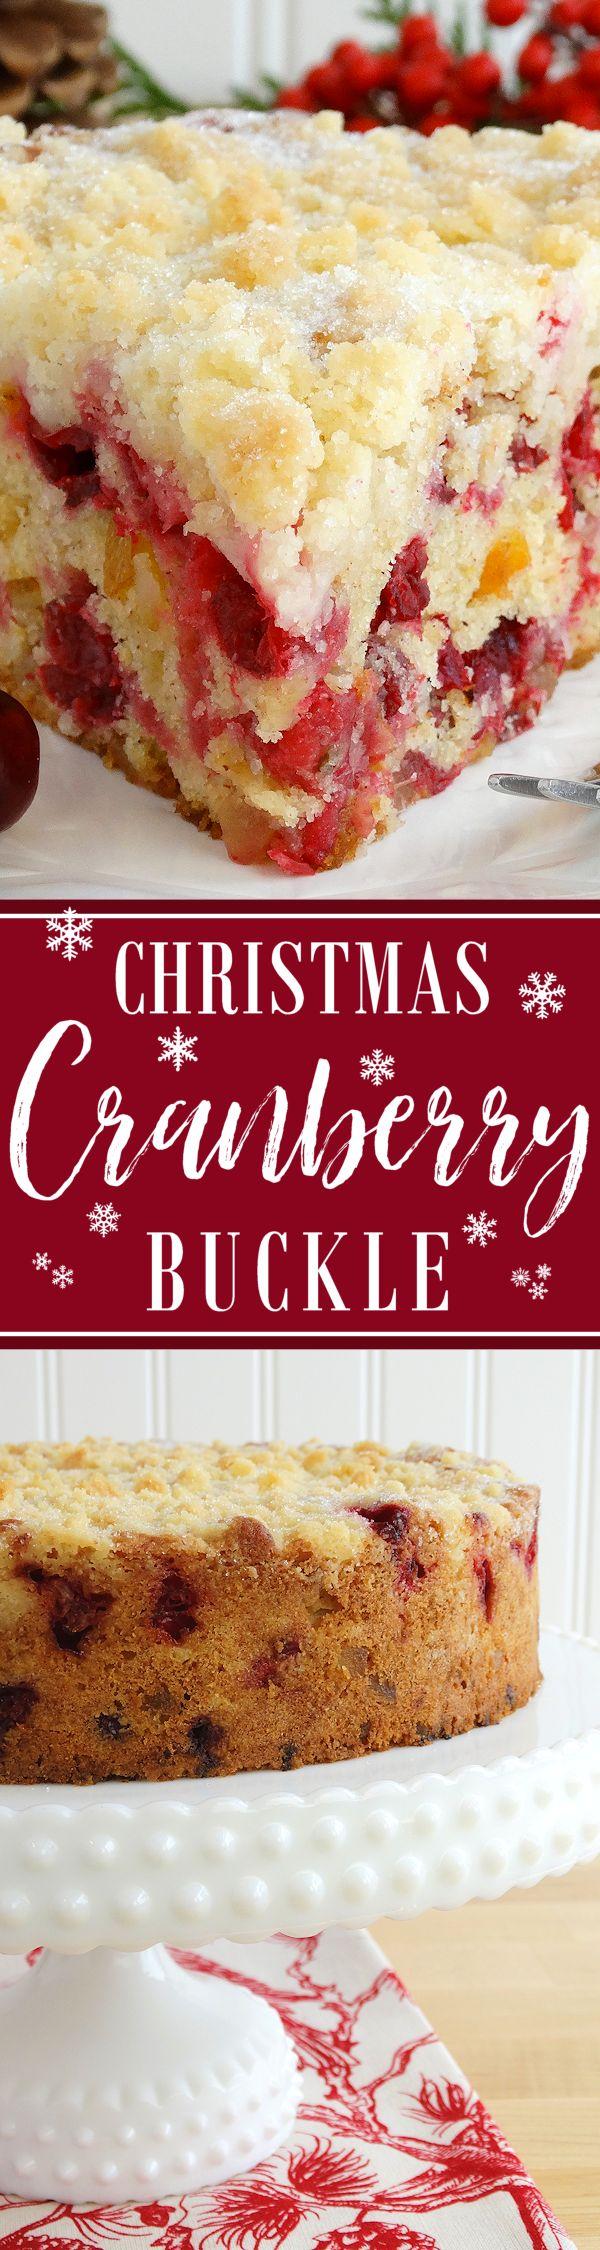 Navidad del arándano de la hebilla - ~ de la torta de vacaciones deliciosos pastel relleno con arándanos frescos, piel de naranja confitada y jengibre cristalizado, ligeramente especiado con canela y nuez moscada, y rematado con un streusel galleta de azúcar.  La Acción de Gracias y Navidad perfecto desayuno o almuerzo de fiesta!  |  receta de pastel de Navidad